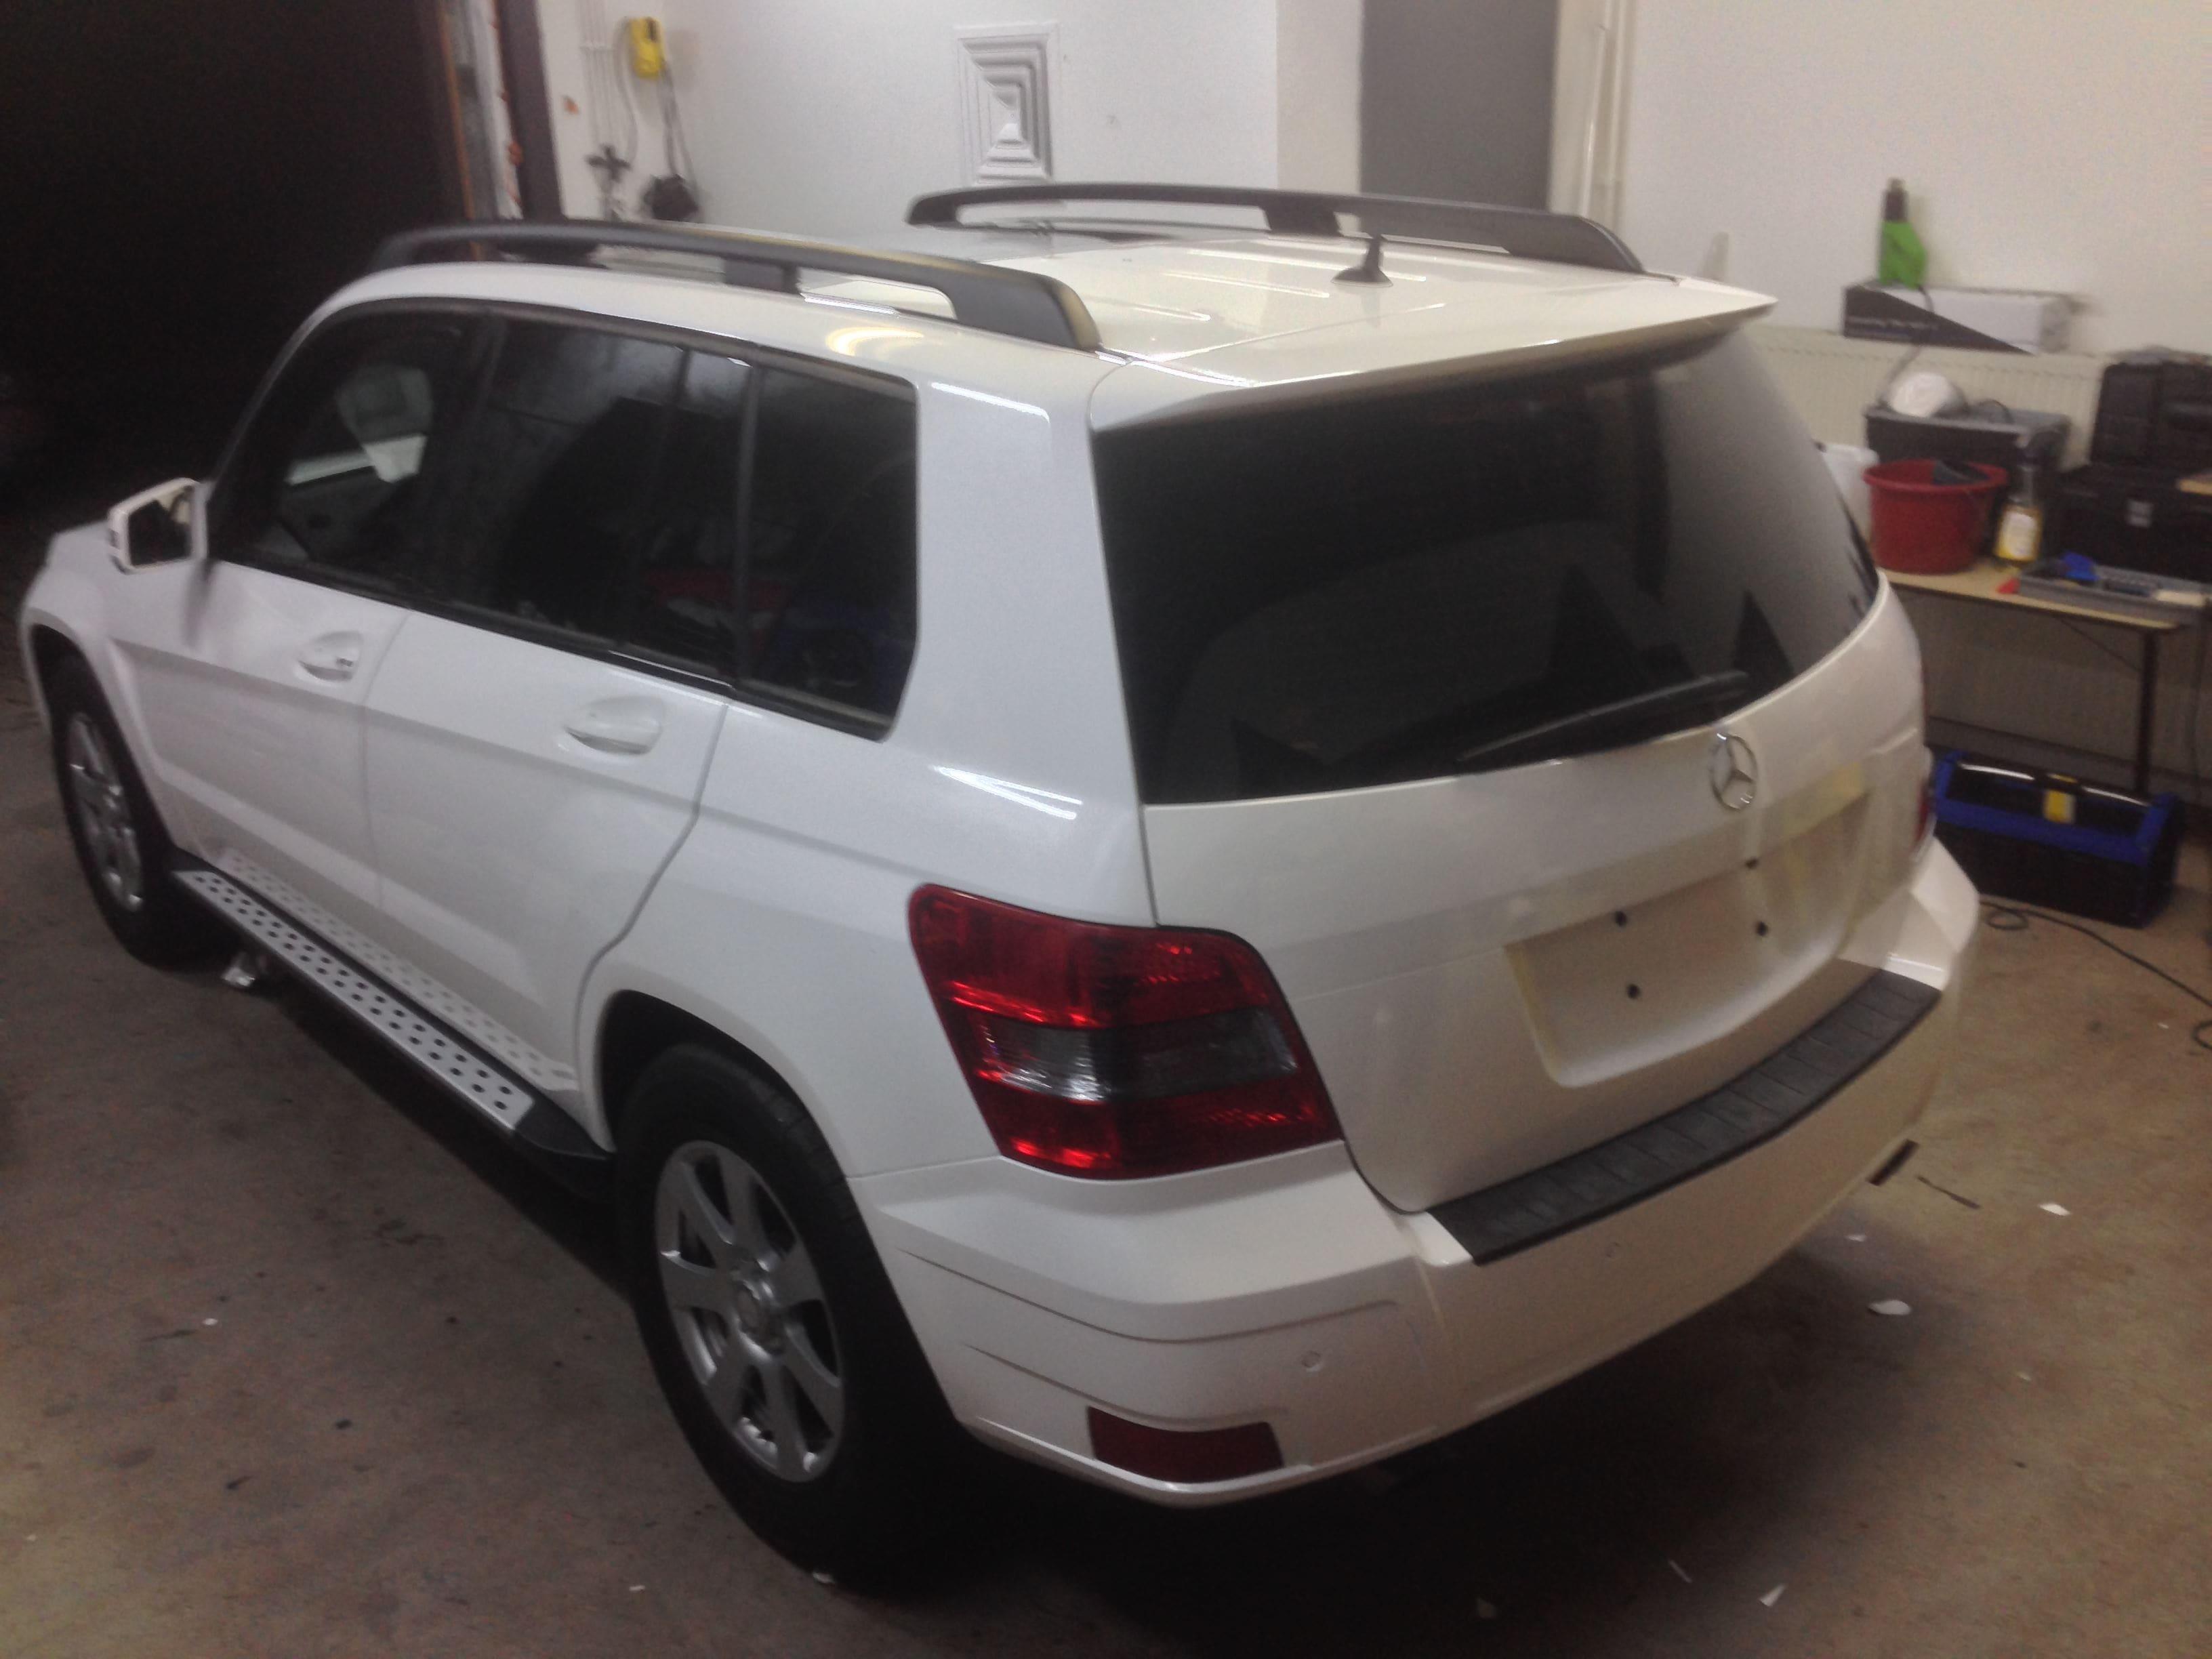 Mercedes GLK met Glossy White Wrap, Carwrapping door Wrapmyride.nu Foto-nr:6299, ©2021